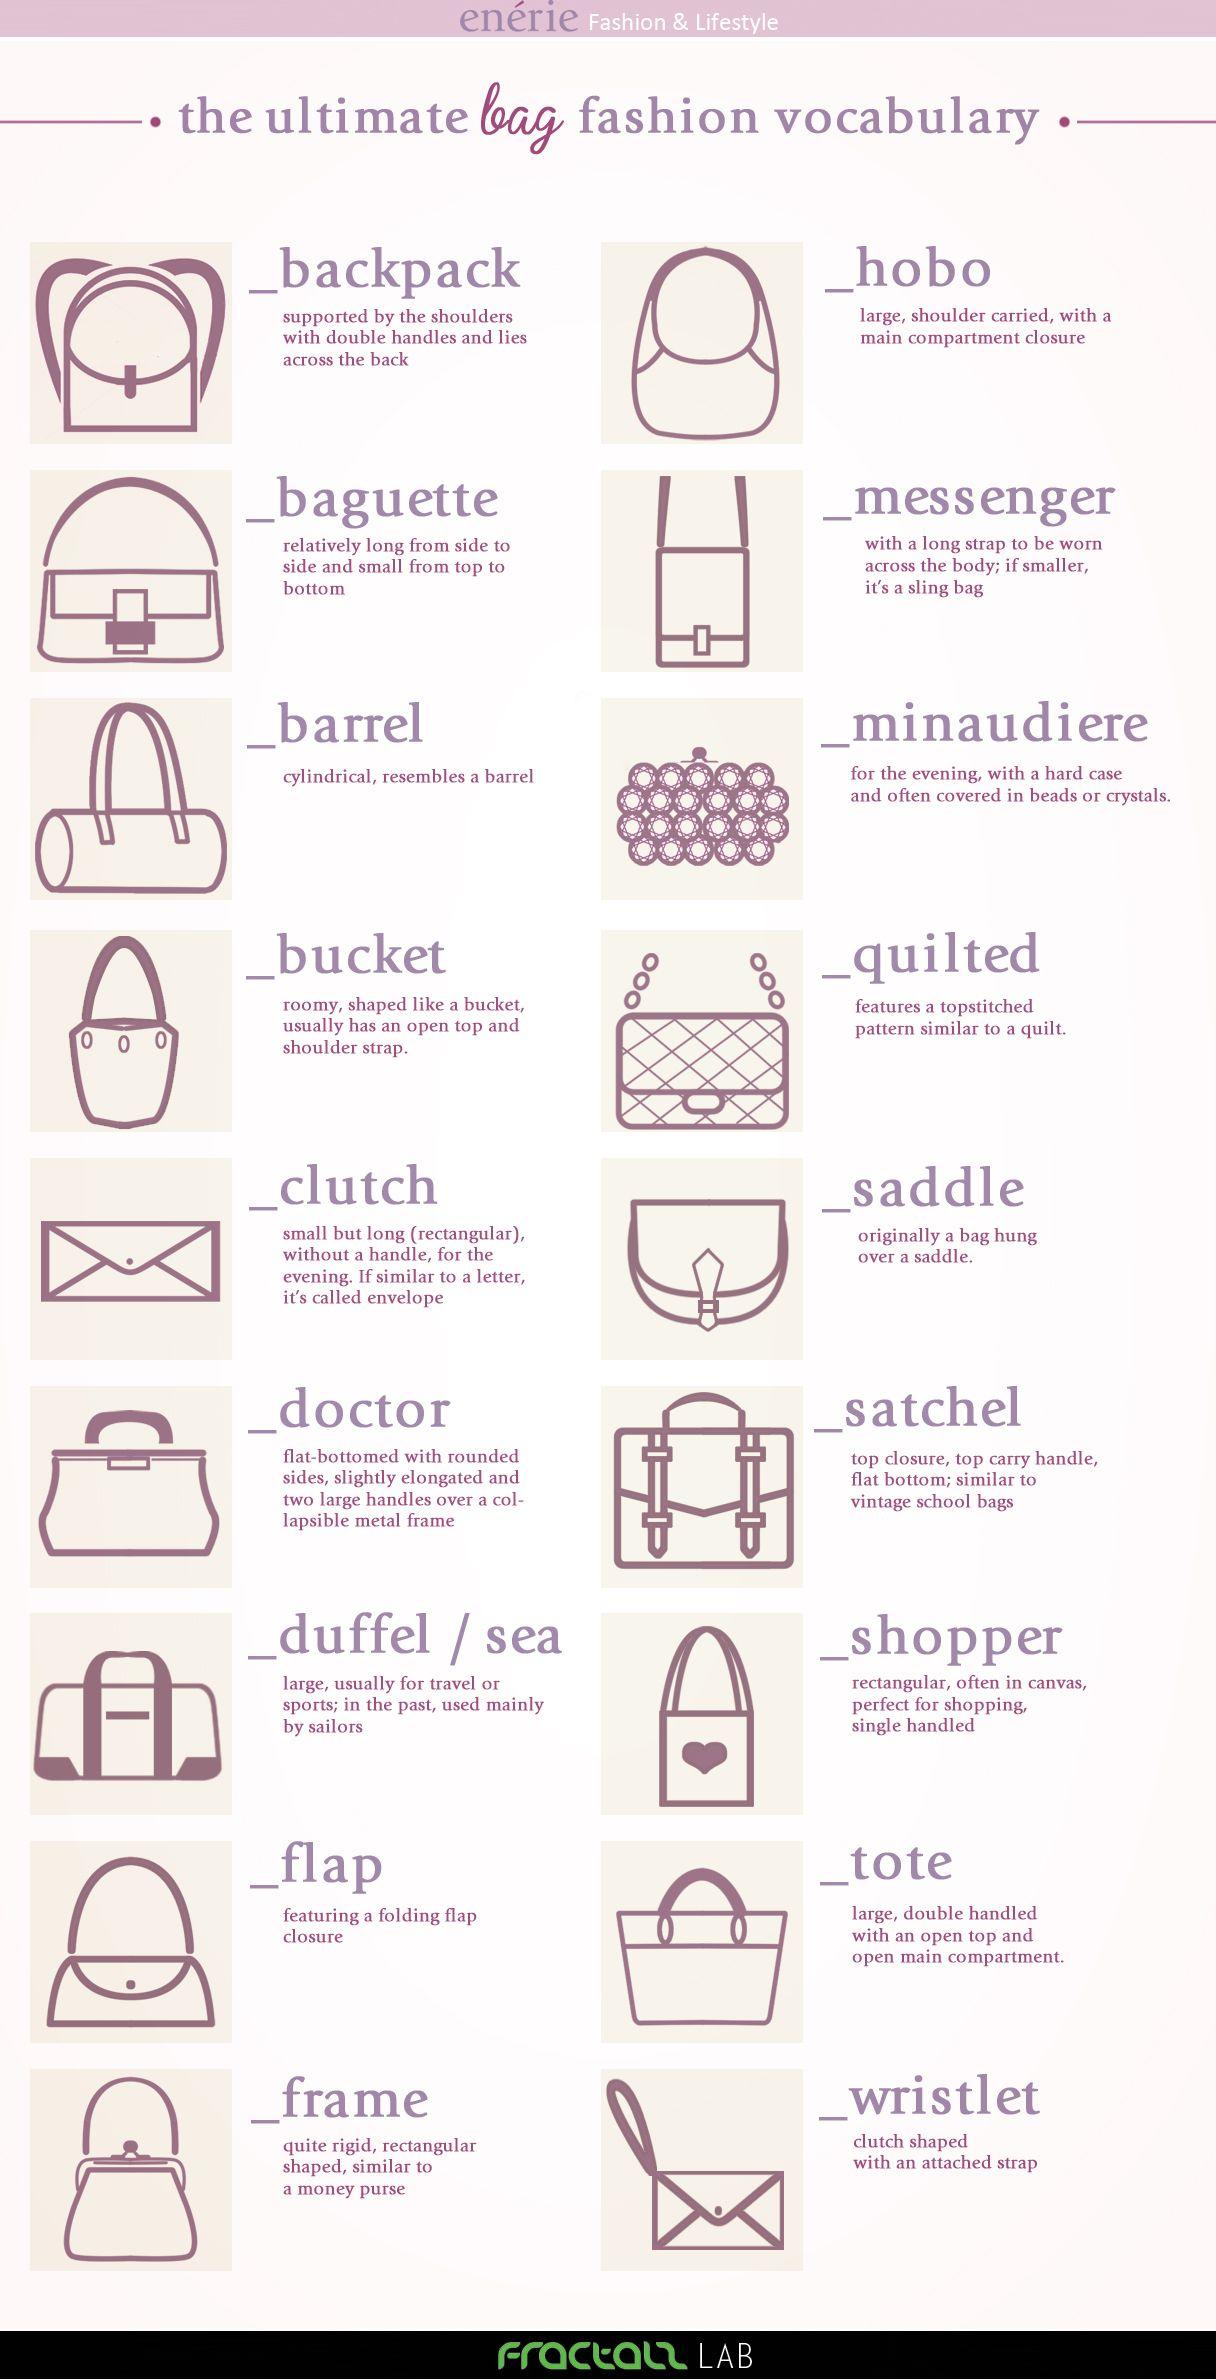 f4dbadb71 Inauguriamo una nuova rubrica: il Fashion Vocabulary, per fare luce sulla  nomenclatura specifica del mondo della moda. La prima puntata è dedicata  alle ...